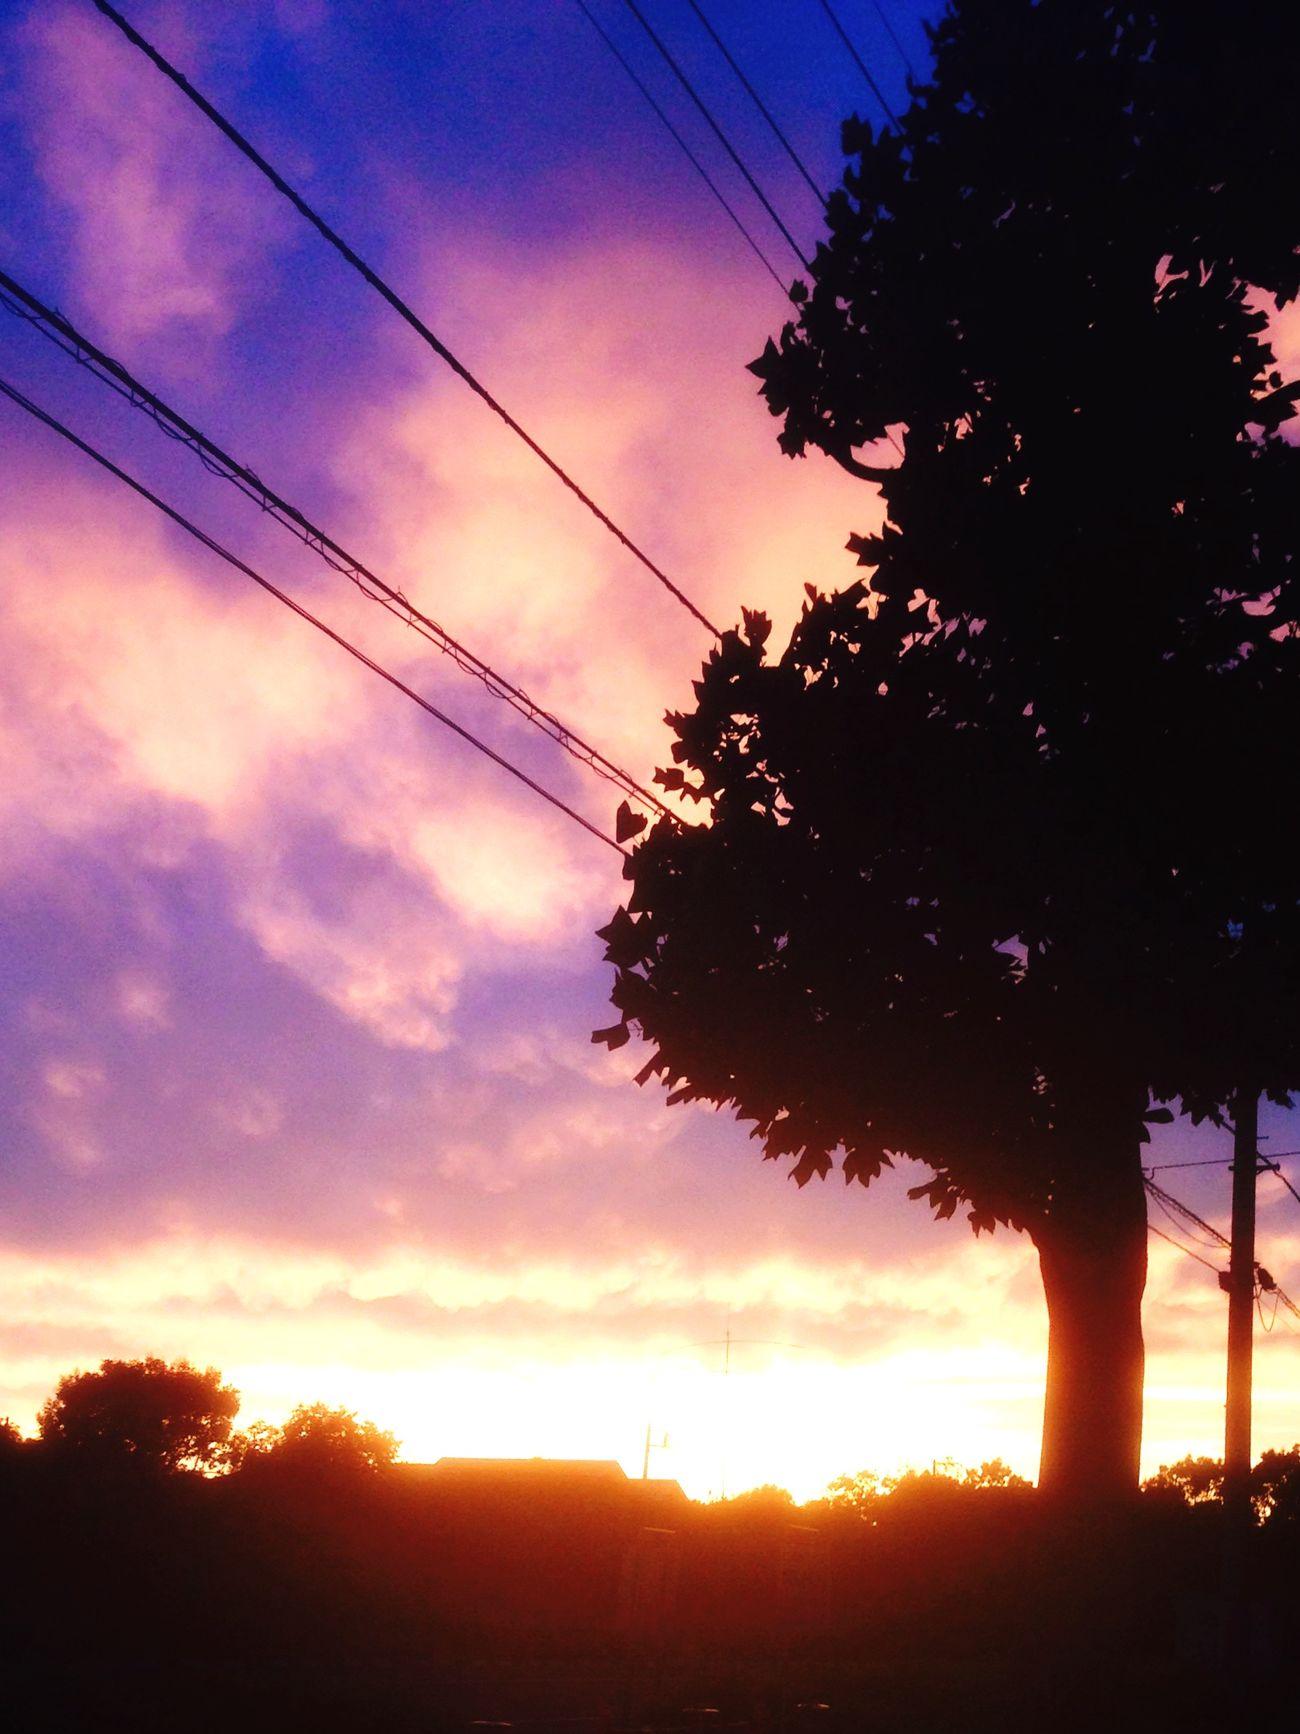 雨上がりの夕陽にスマホを向けたら奇跡的に木の葉がハート型に。